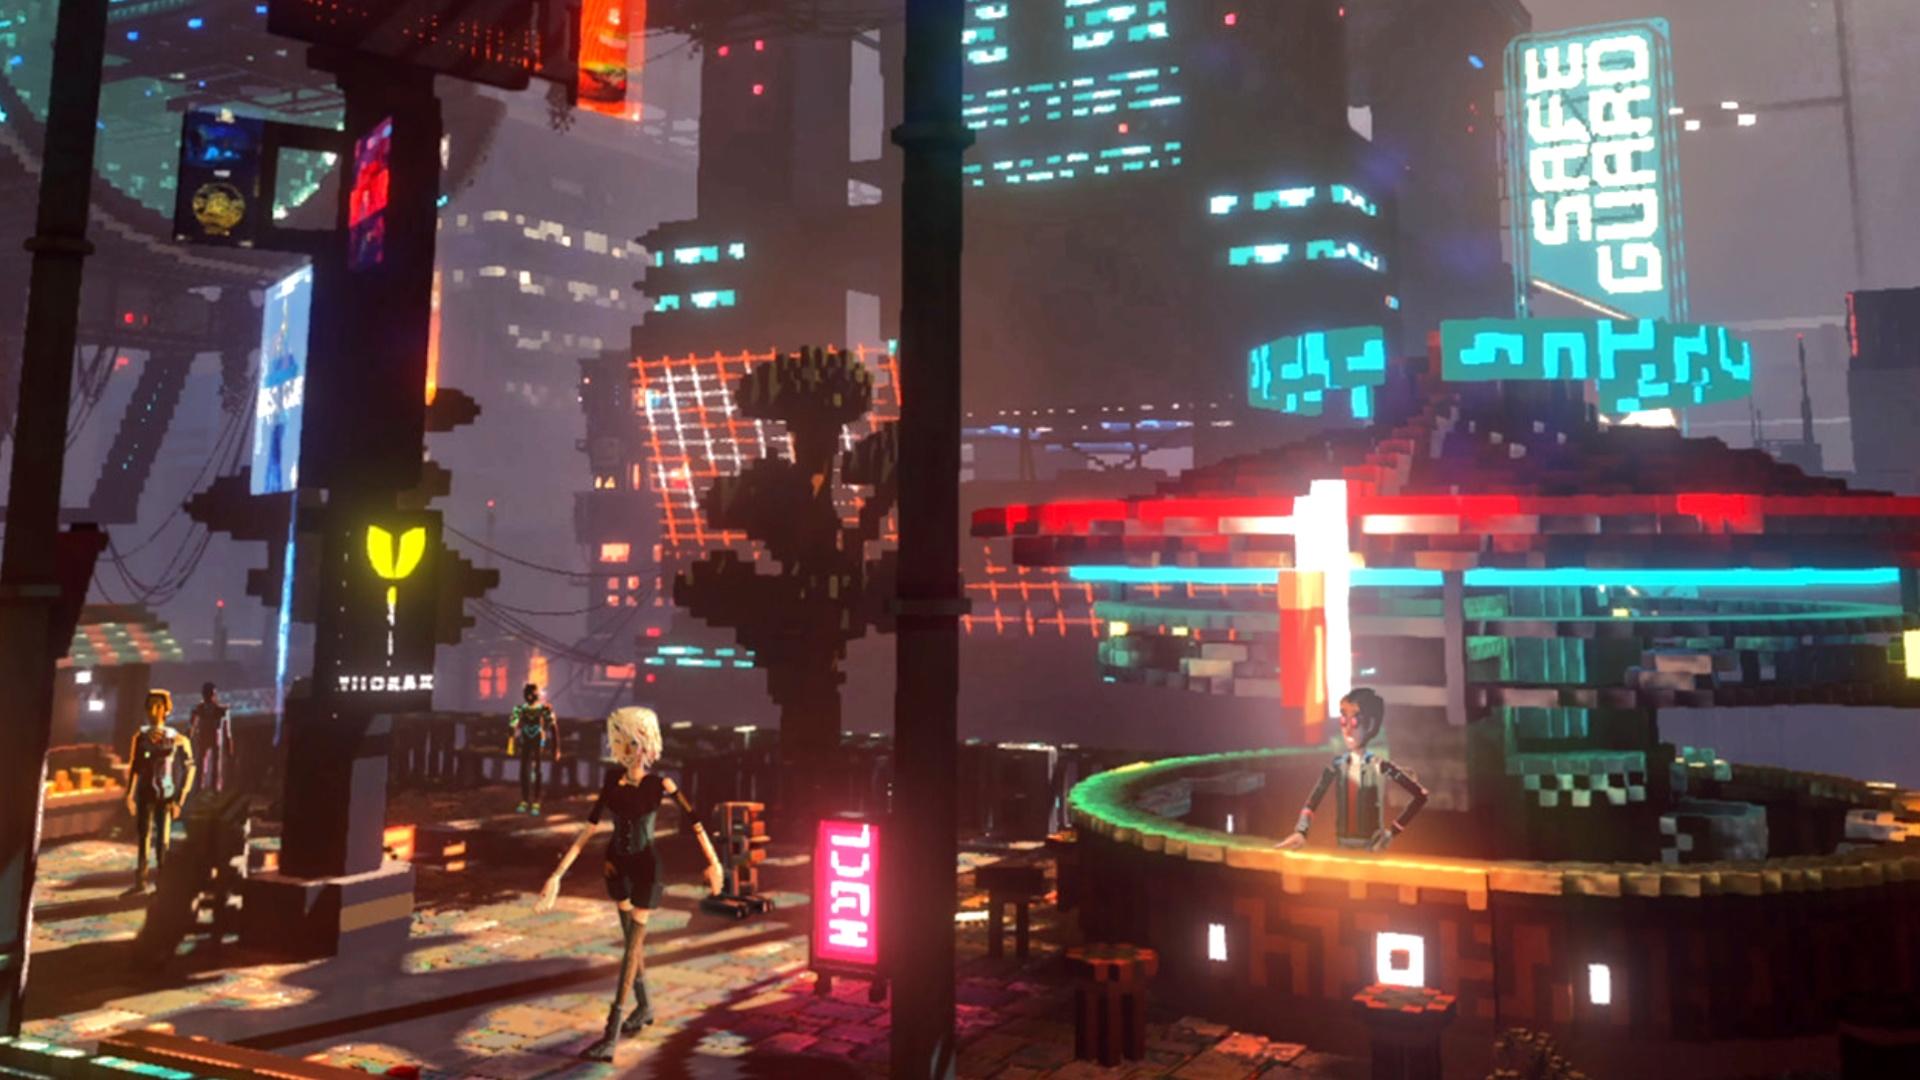 Cyberpunk trifft Stardew Valley: Nivalis, die düstere Lebenssimulation